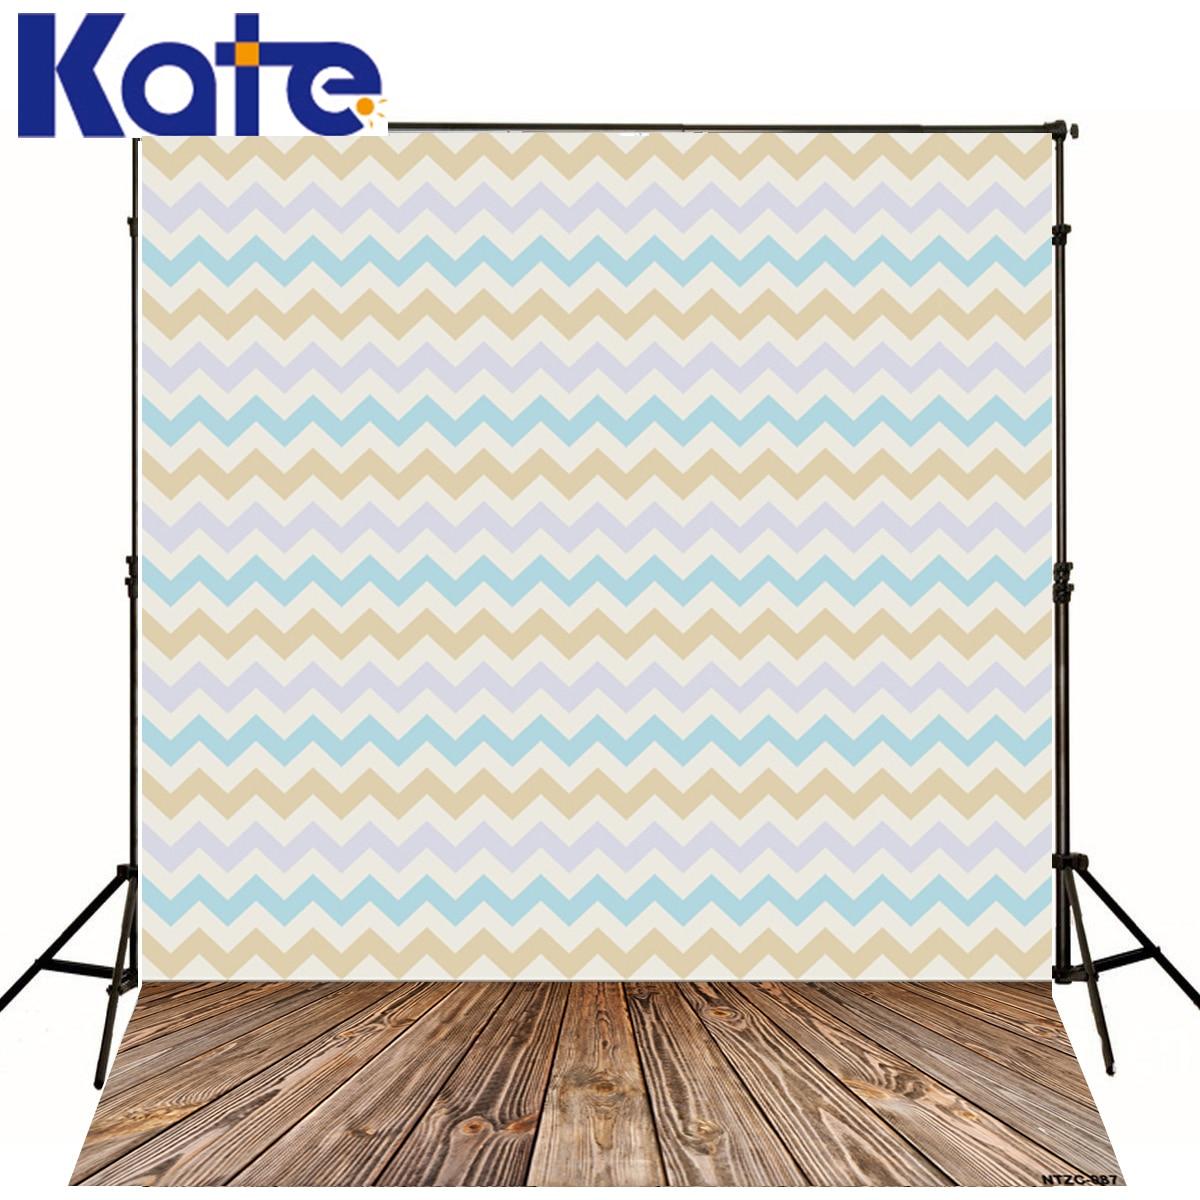 Fond de photographie Kate rayures ondulées colorées Fond bleu Studio Photo plancher de bois Fond Fotografia pour Studio de Photo J01679